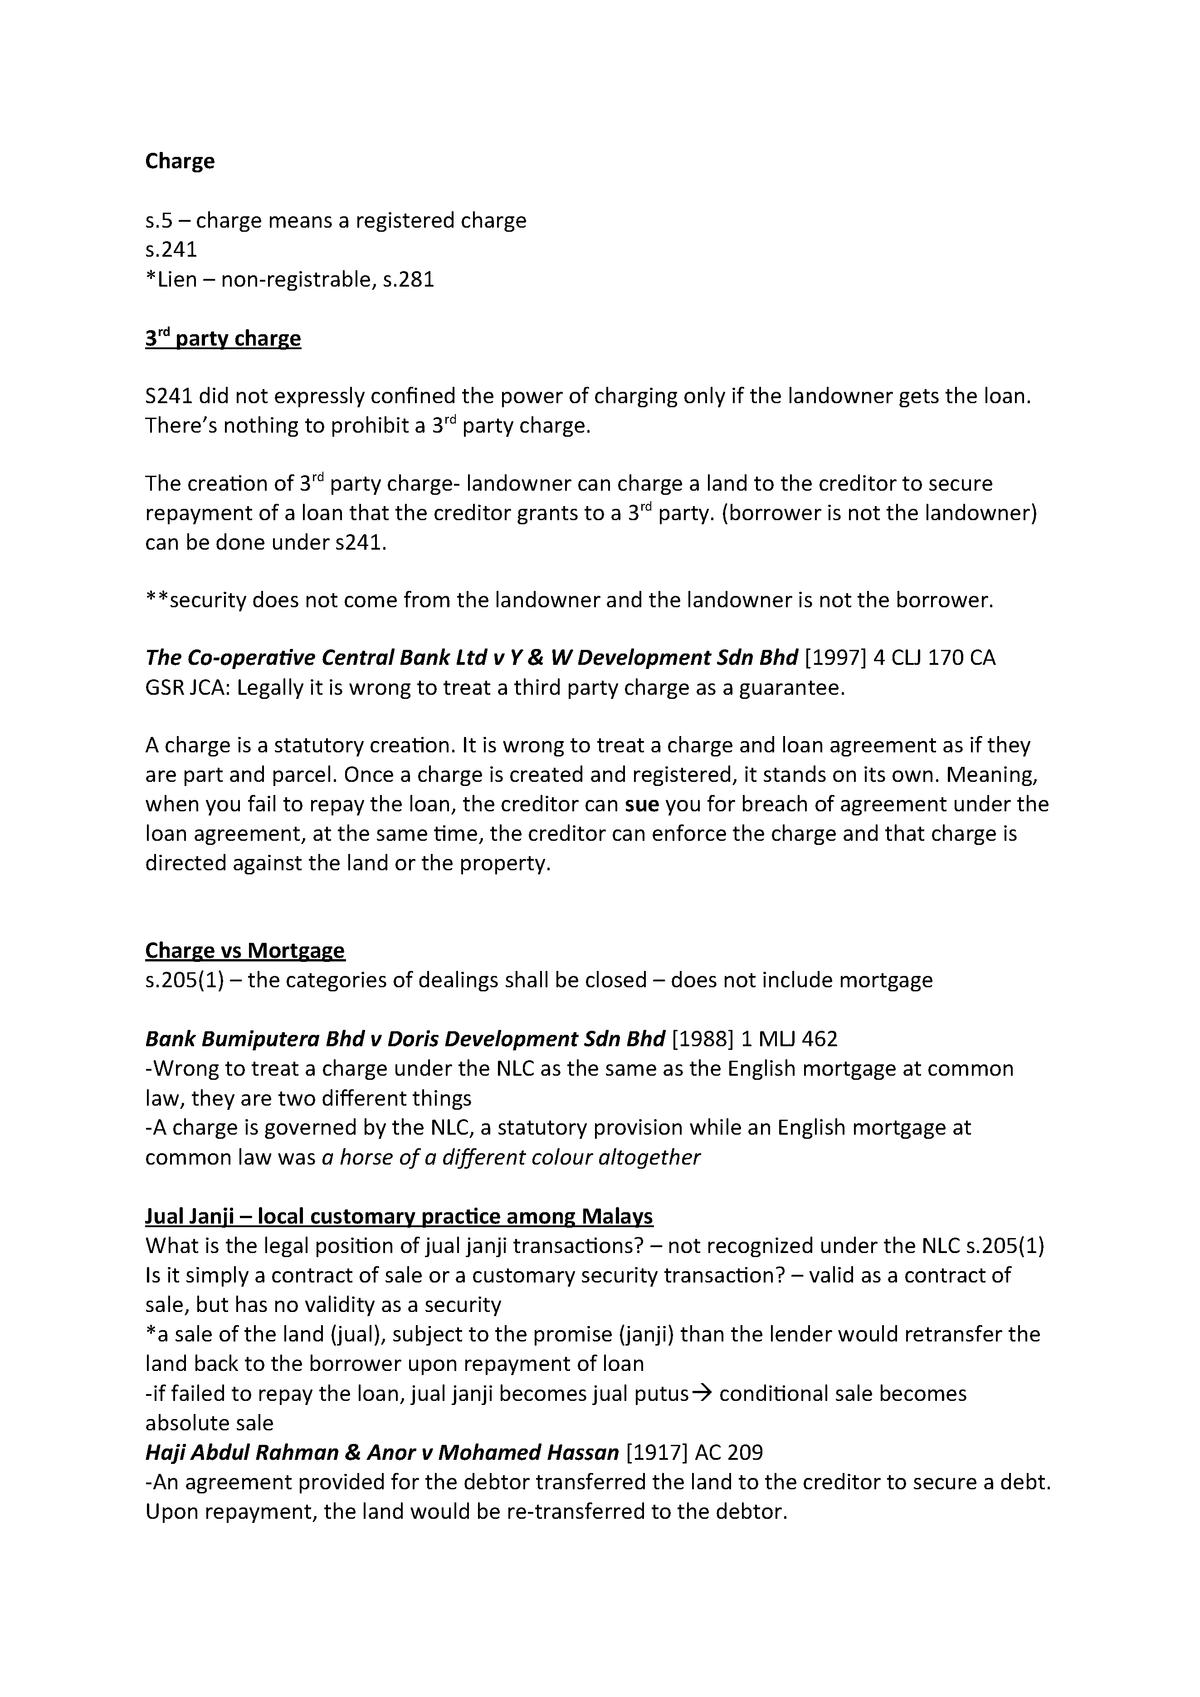 Charge - Summary Land Law II - Land Law II LIA2009 - StuDocu